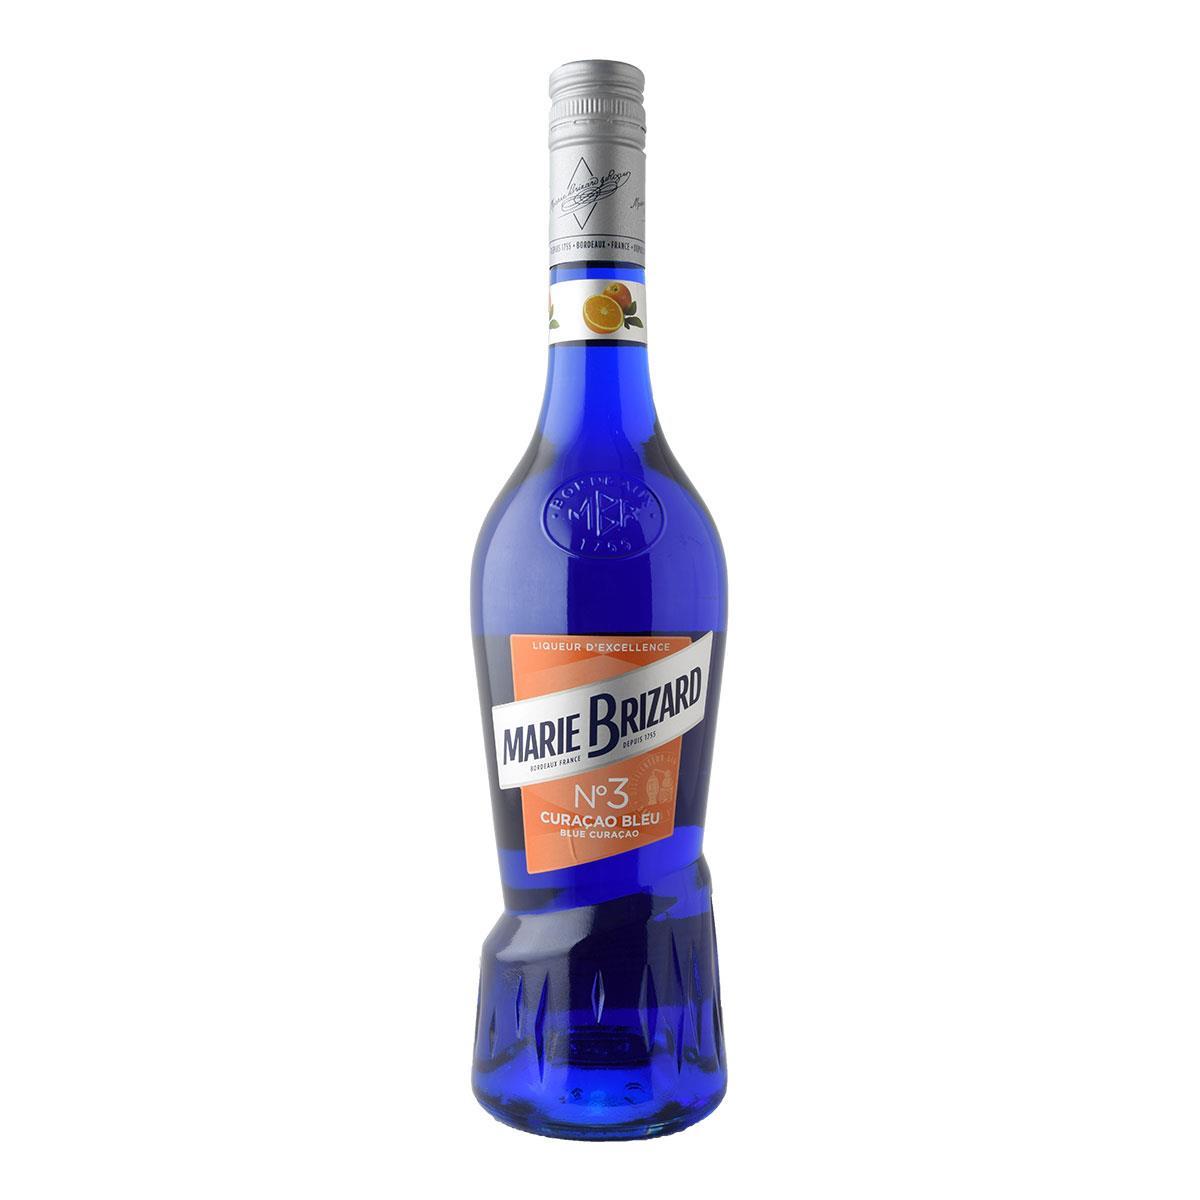 Marie Brizard Curacao Bleu Liqueur 700ml